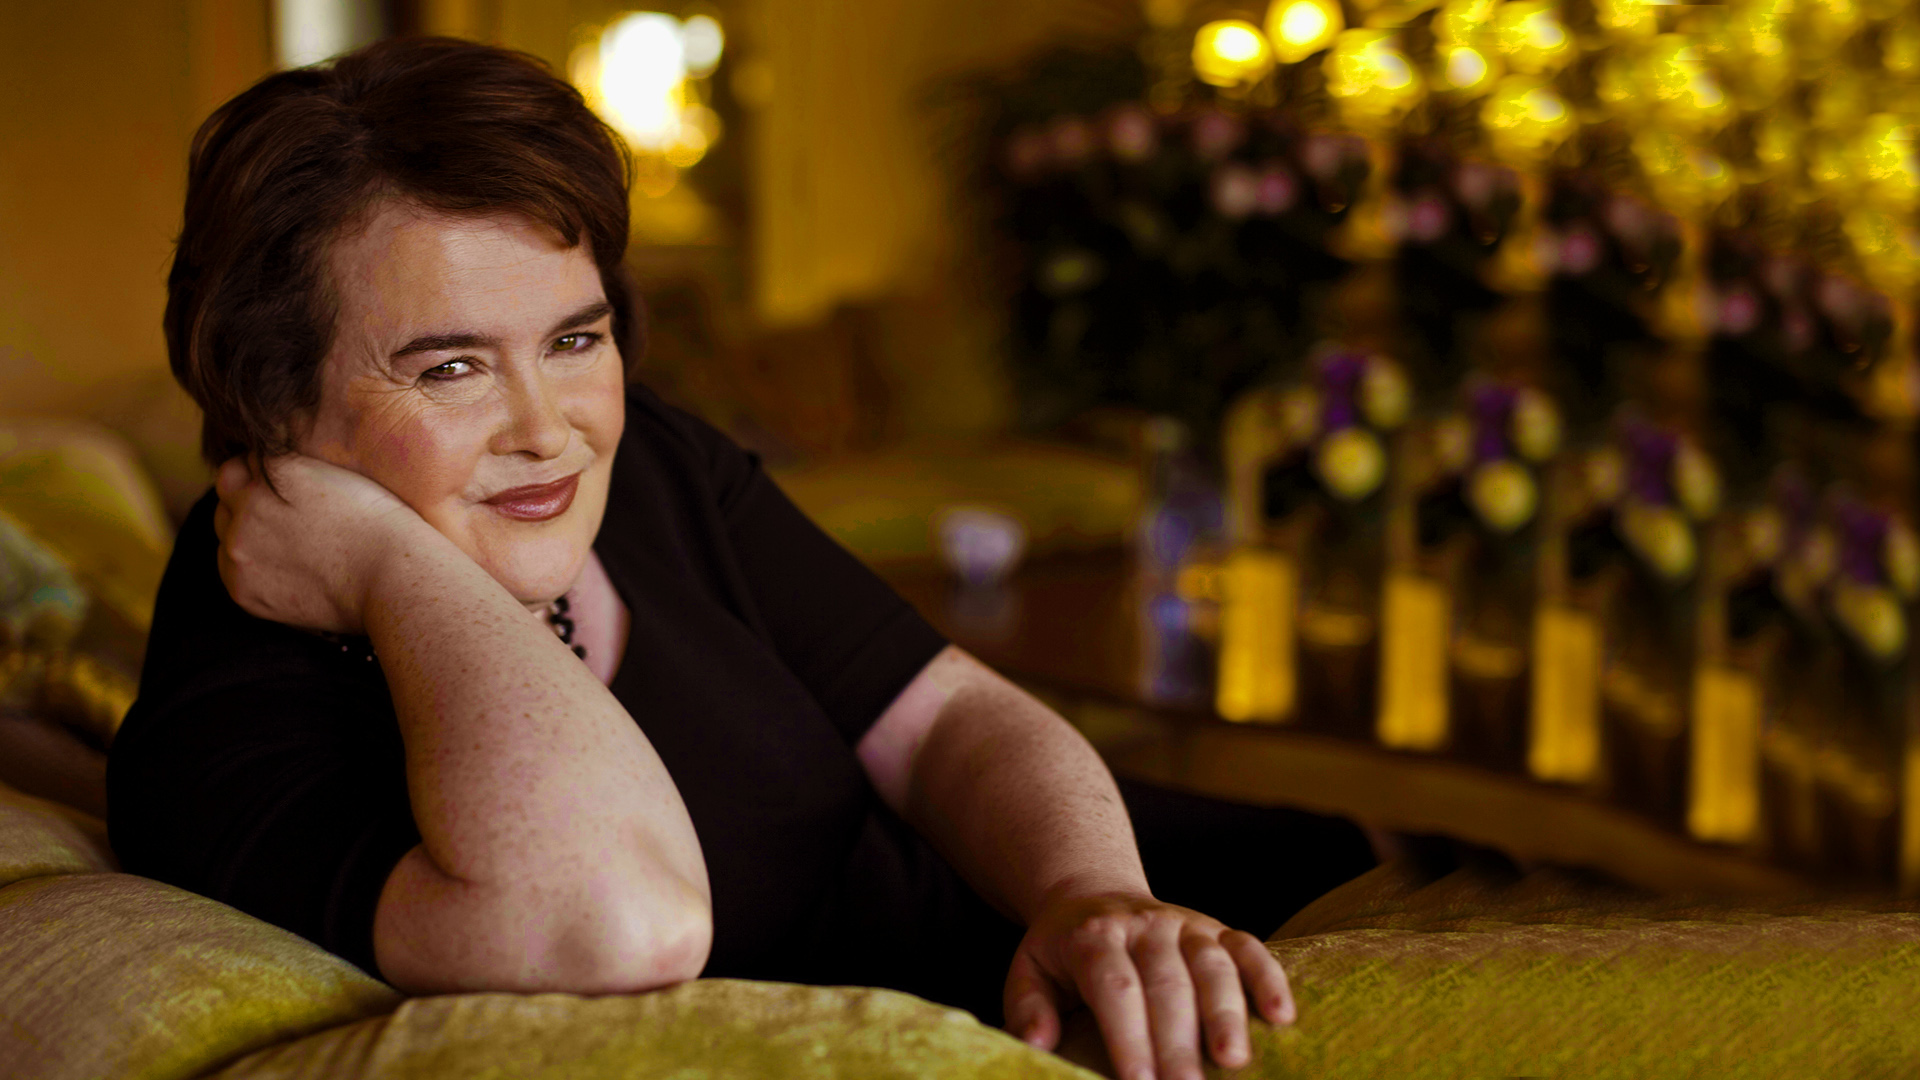 O Come All Ye Faithful av Susan Boyle